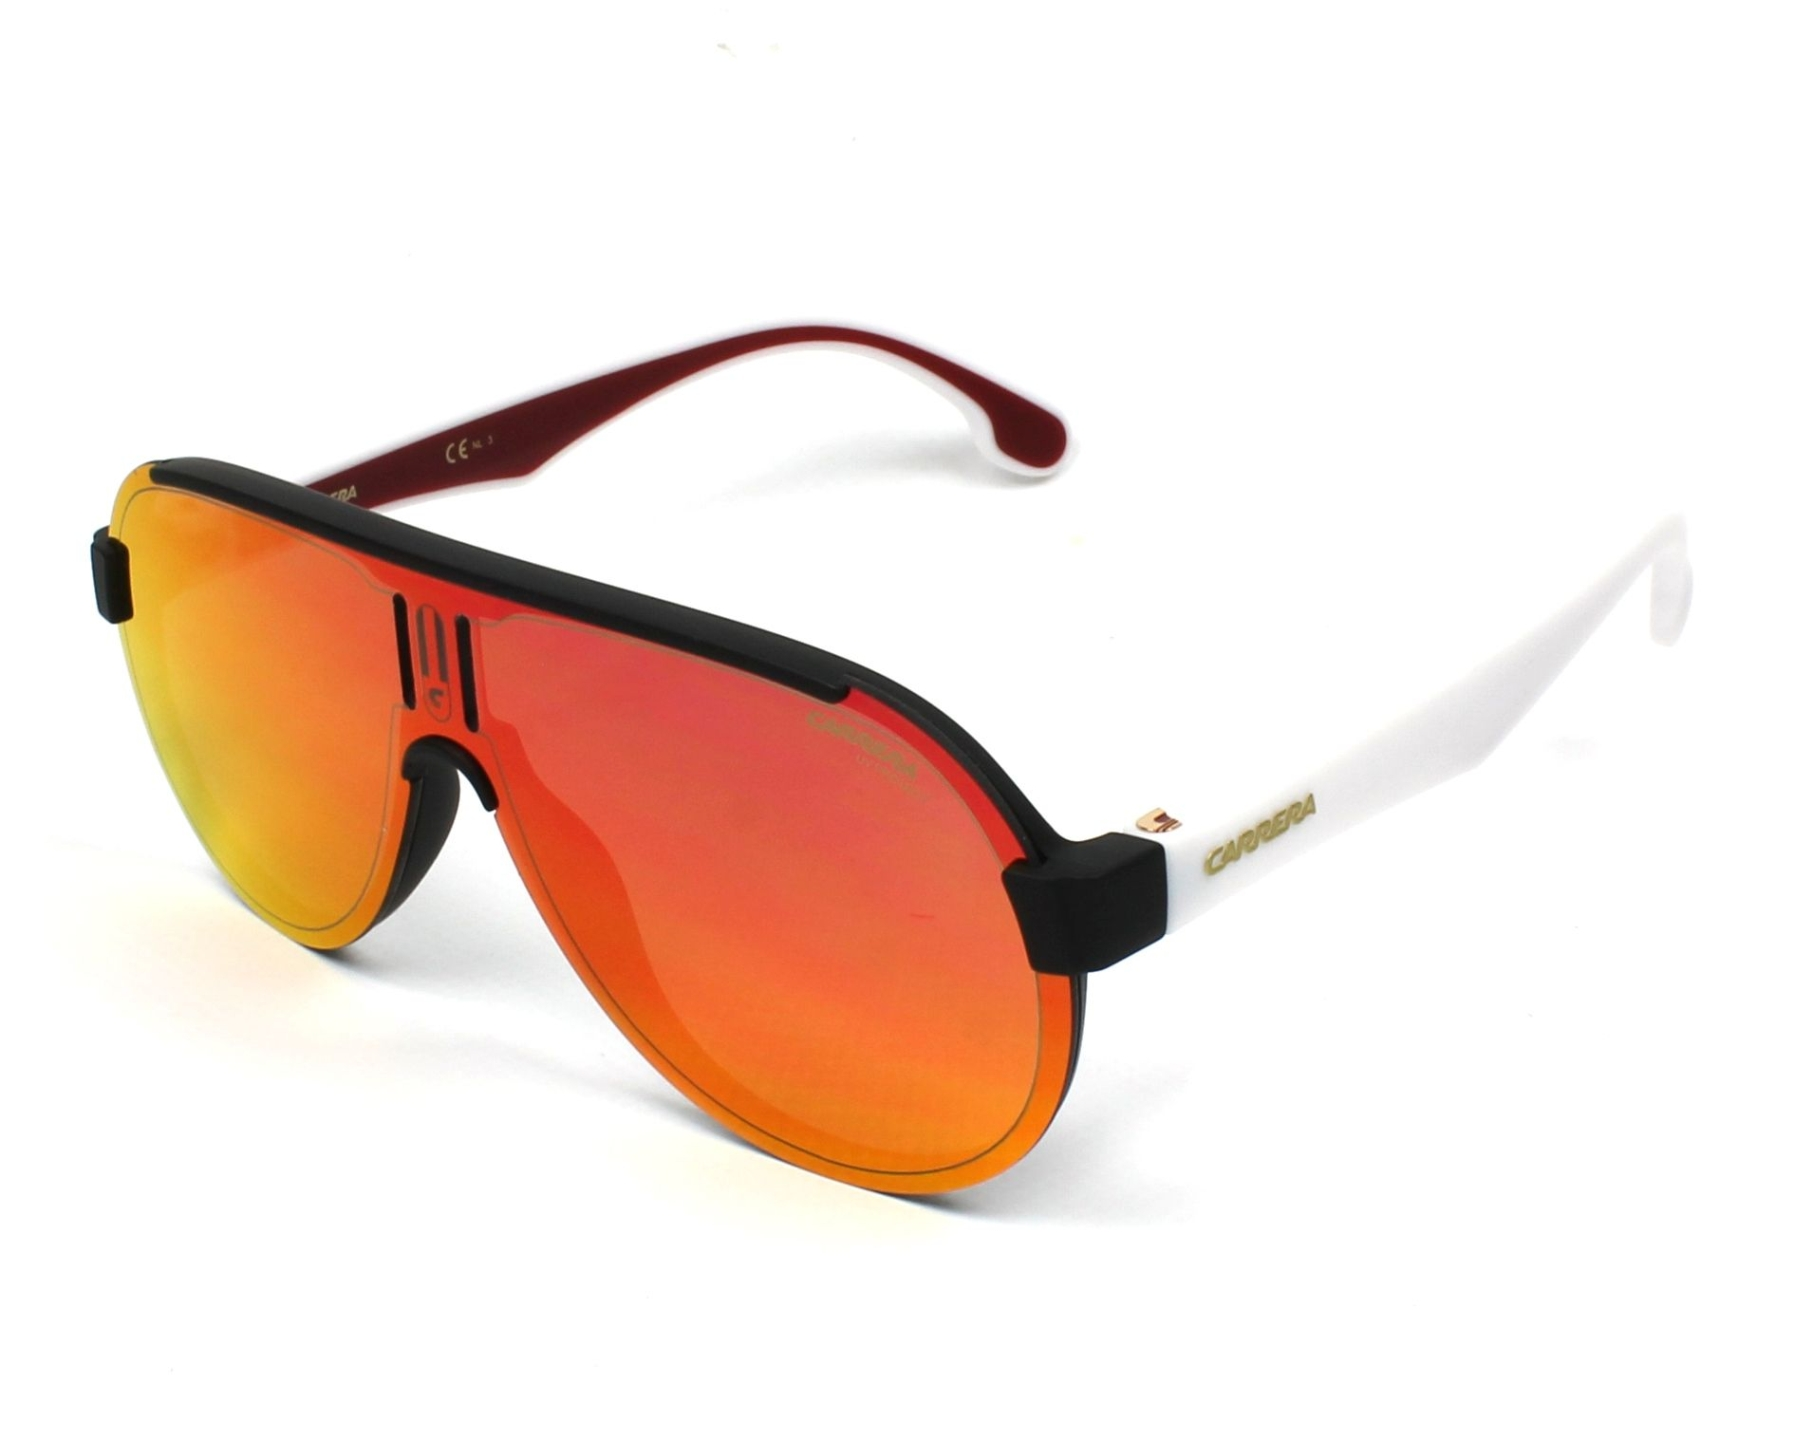 d537a0e1e09 Sunglasses Carrera 1008-S 4NL/UZ - Black White profile view